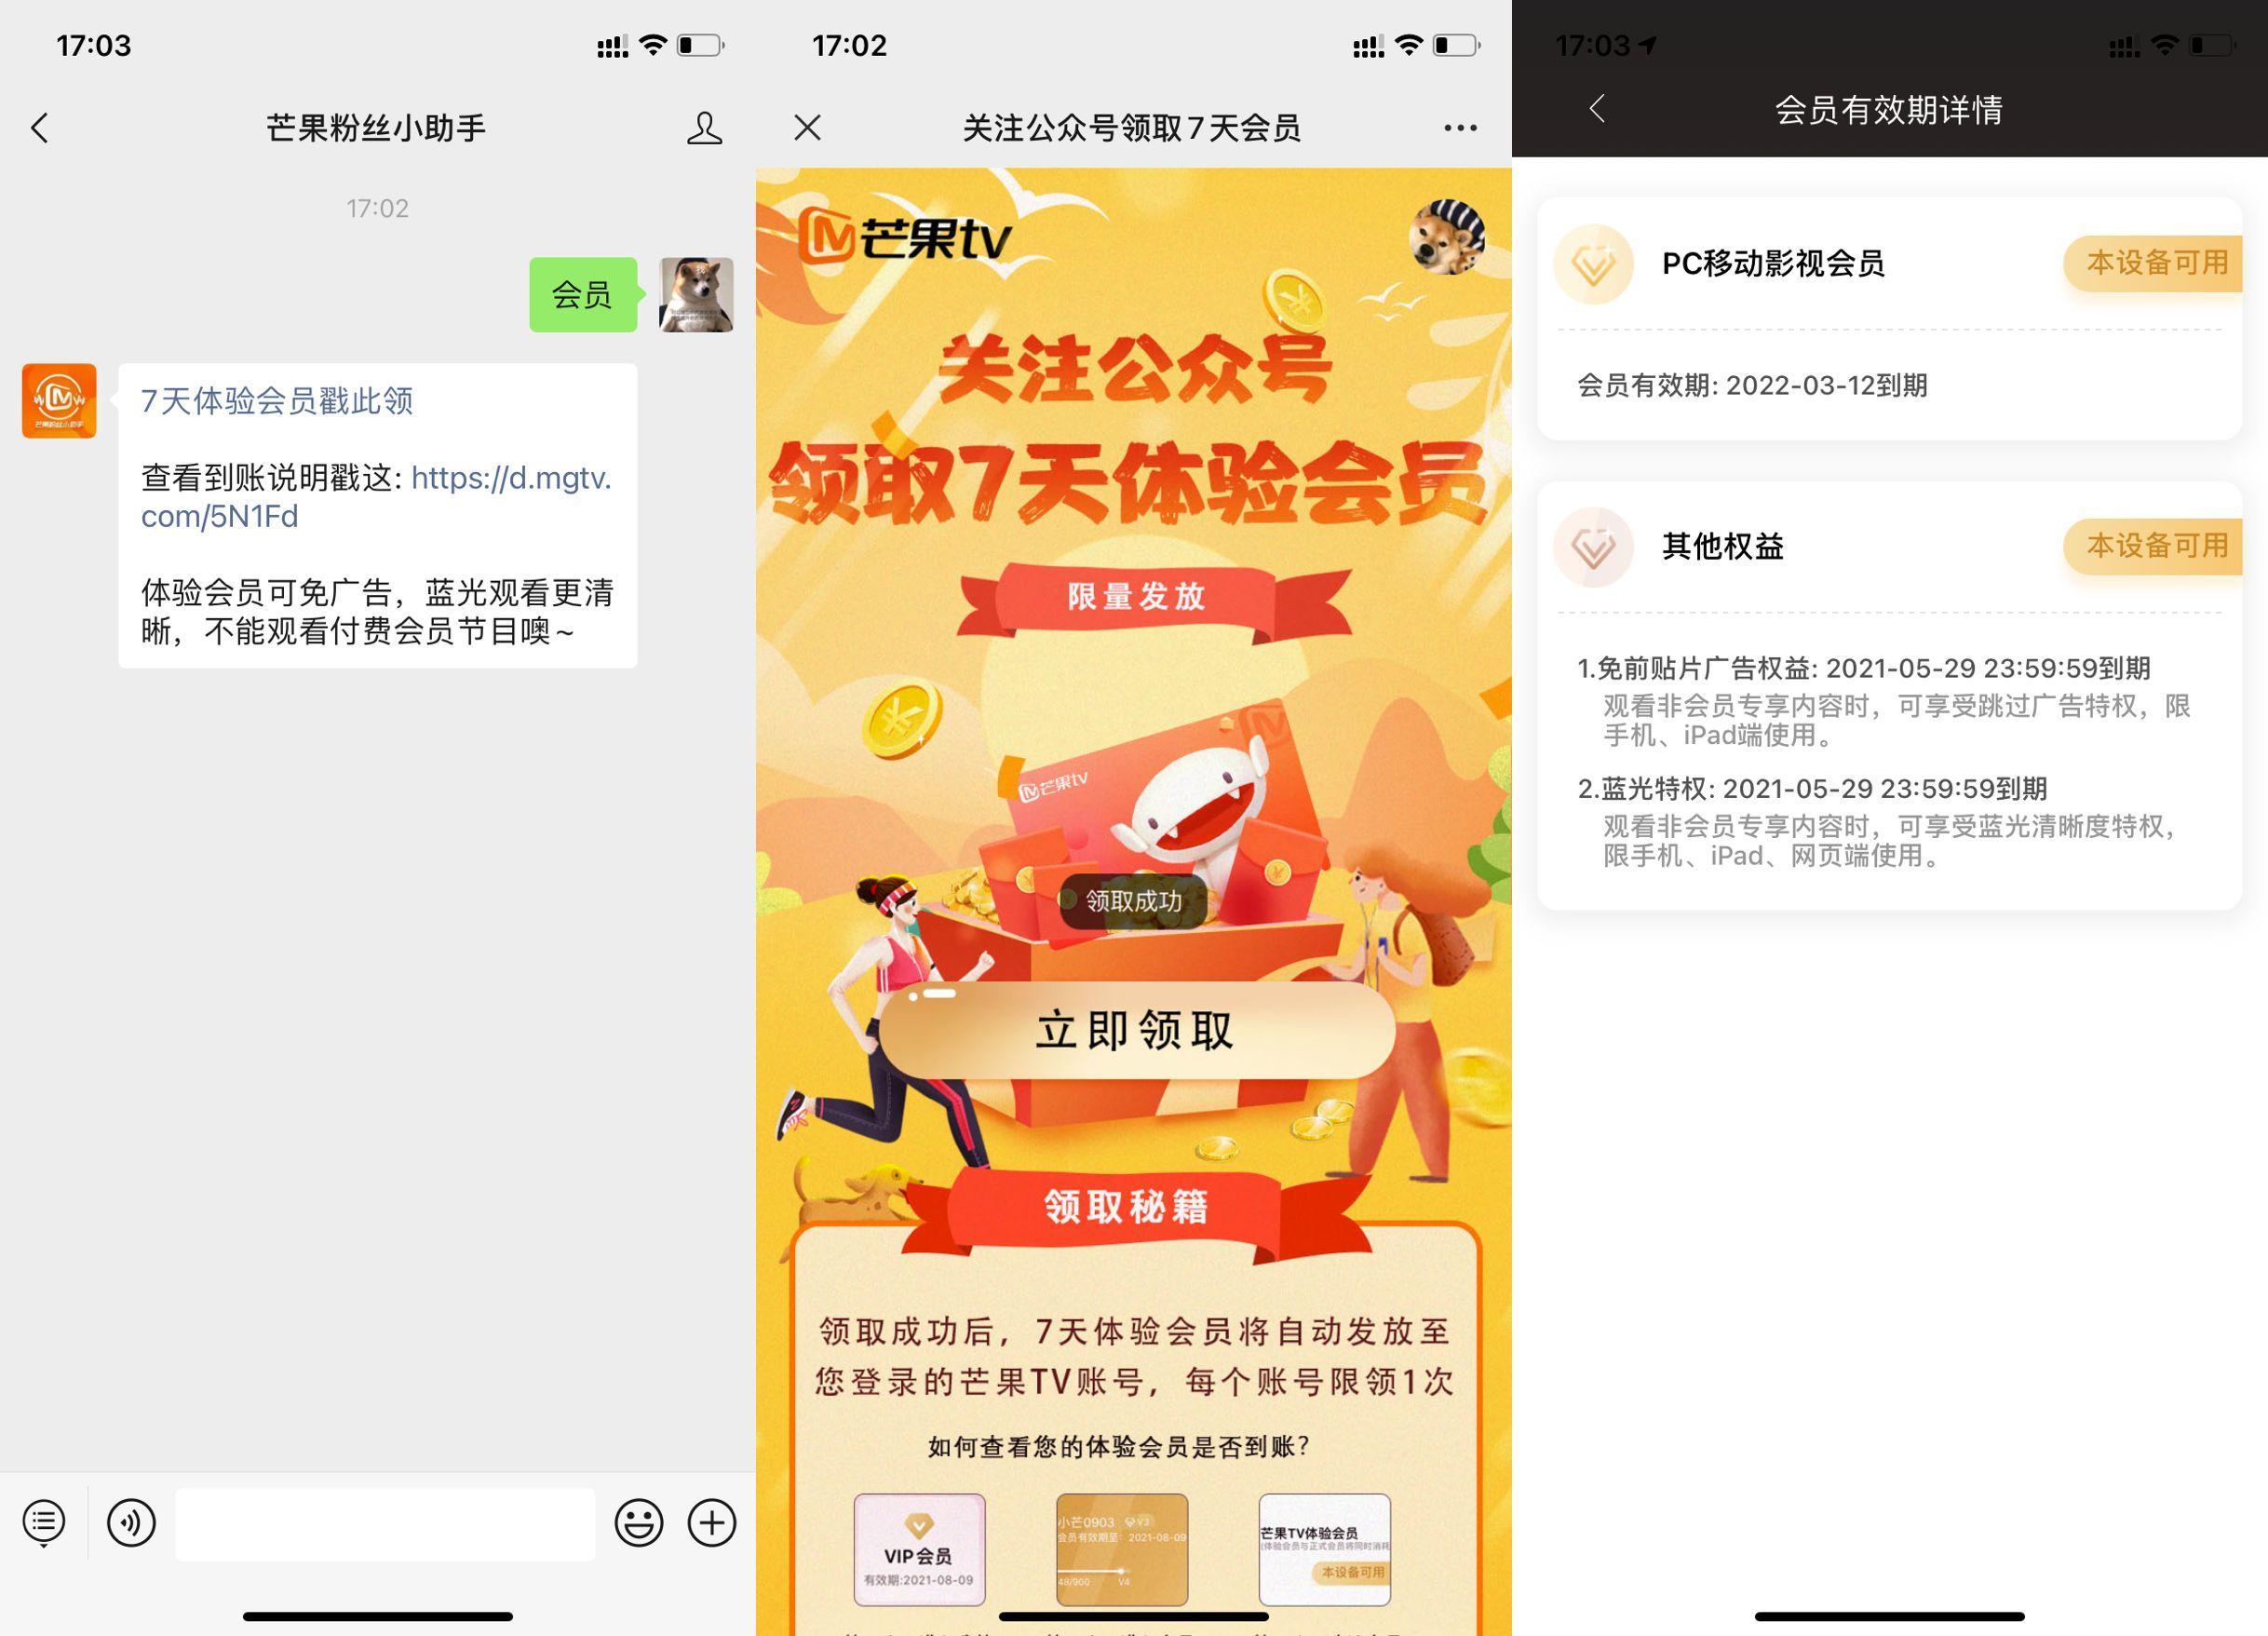 """【免费领芒果体验会员7天】微信关注""""芒果粉丝小助手""""->回复""""会"""